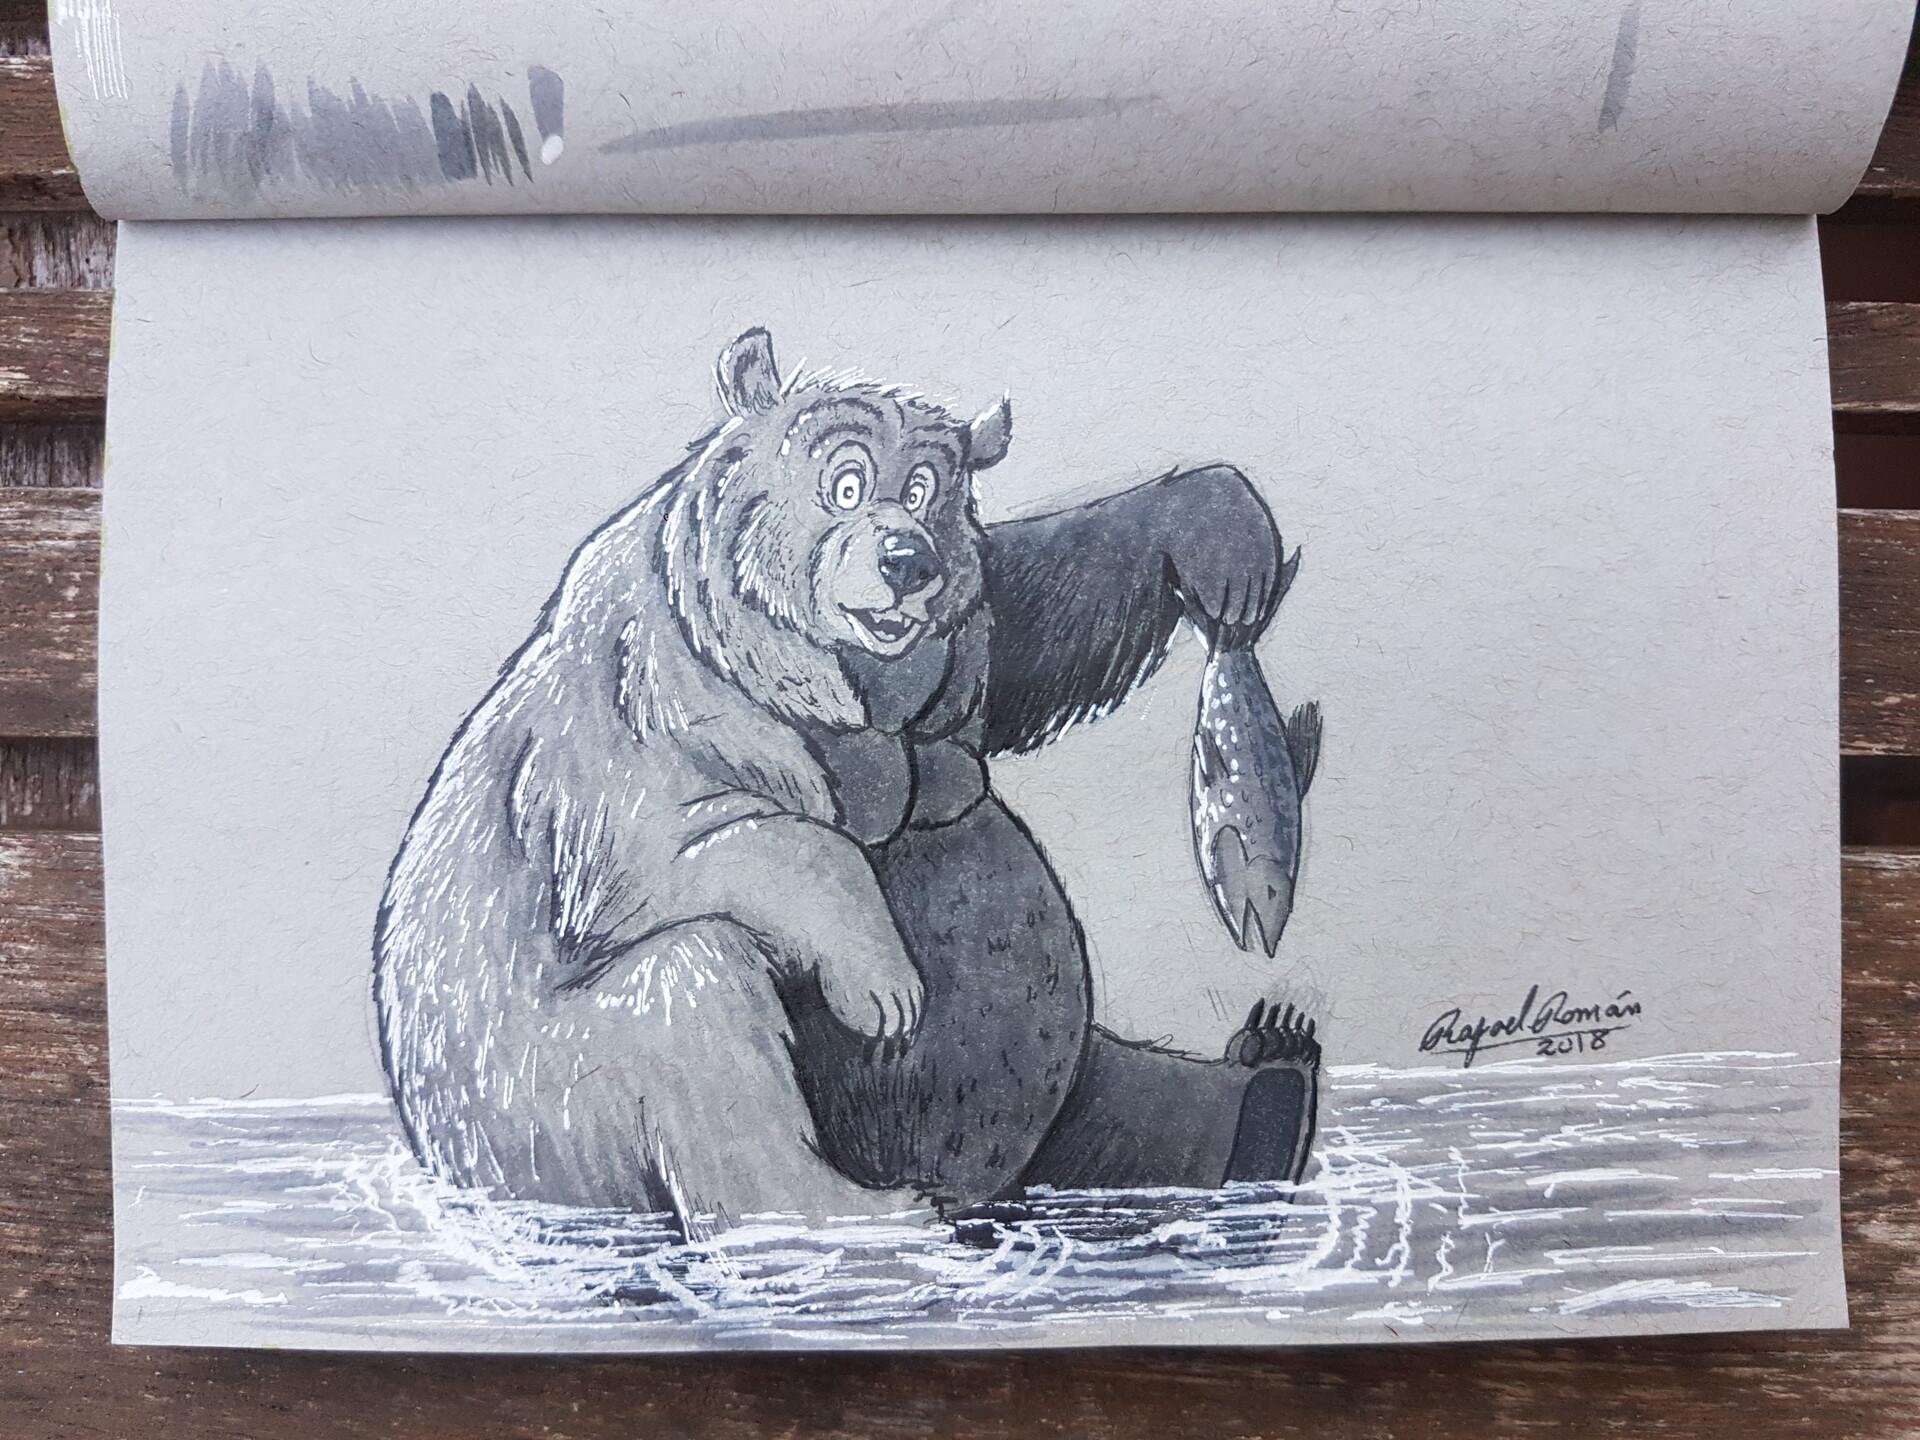 Inktober illustration